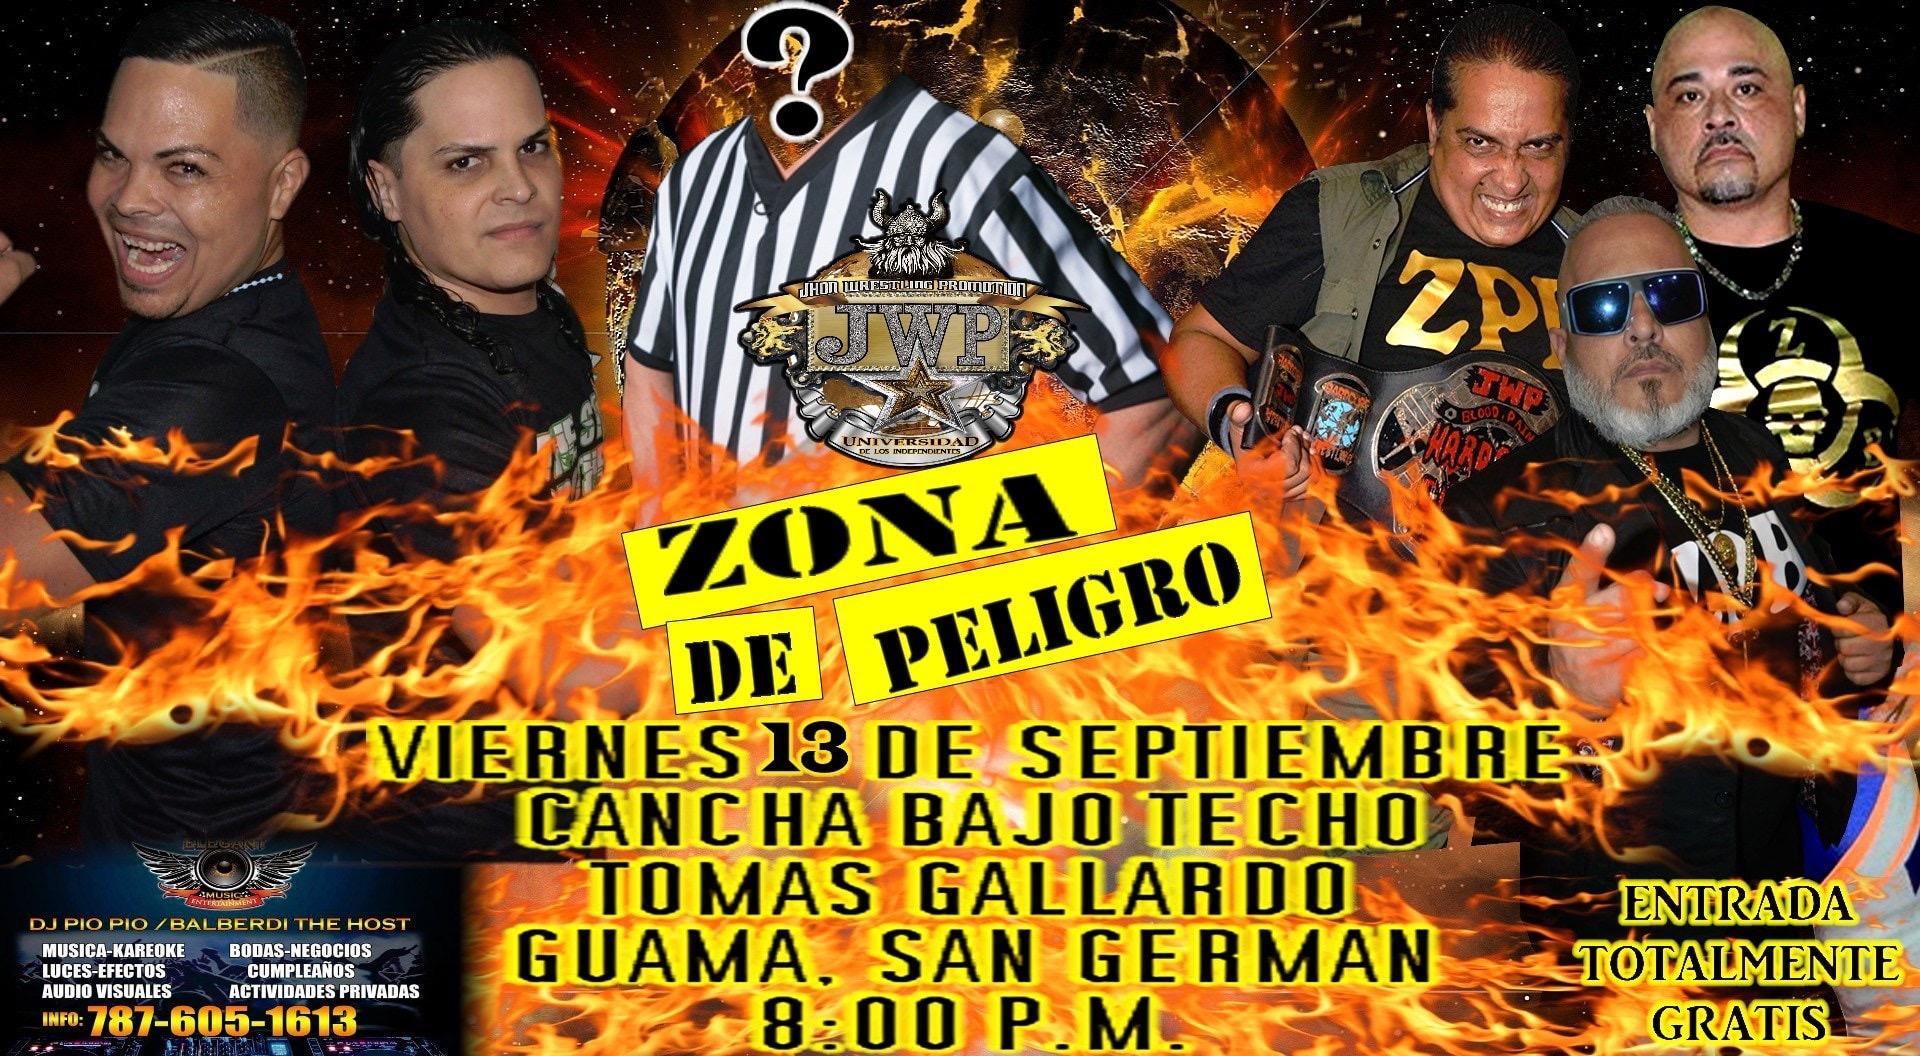 The Stars Brothers confirmados para Zona de Peligro de la JWP 4